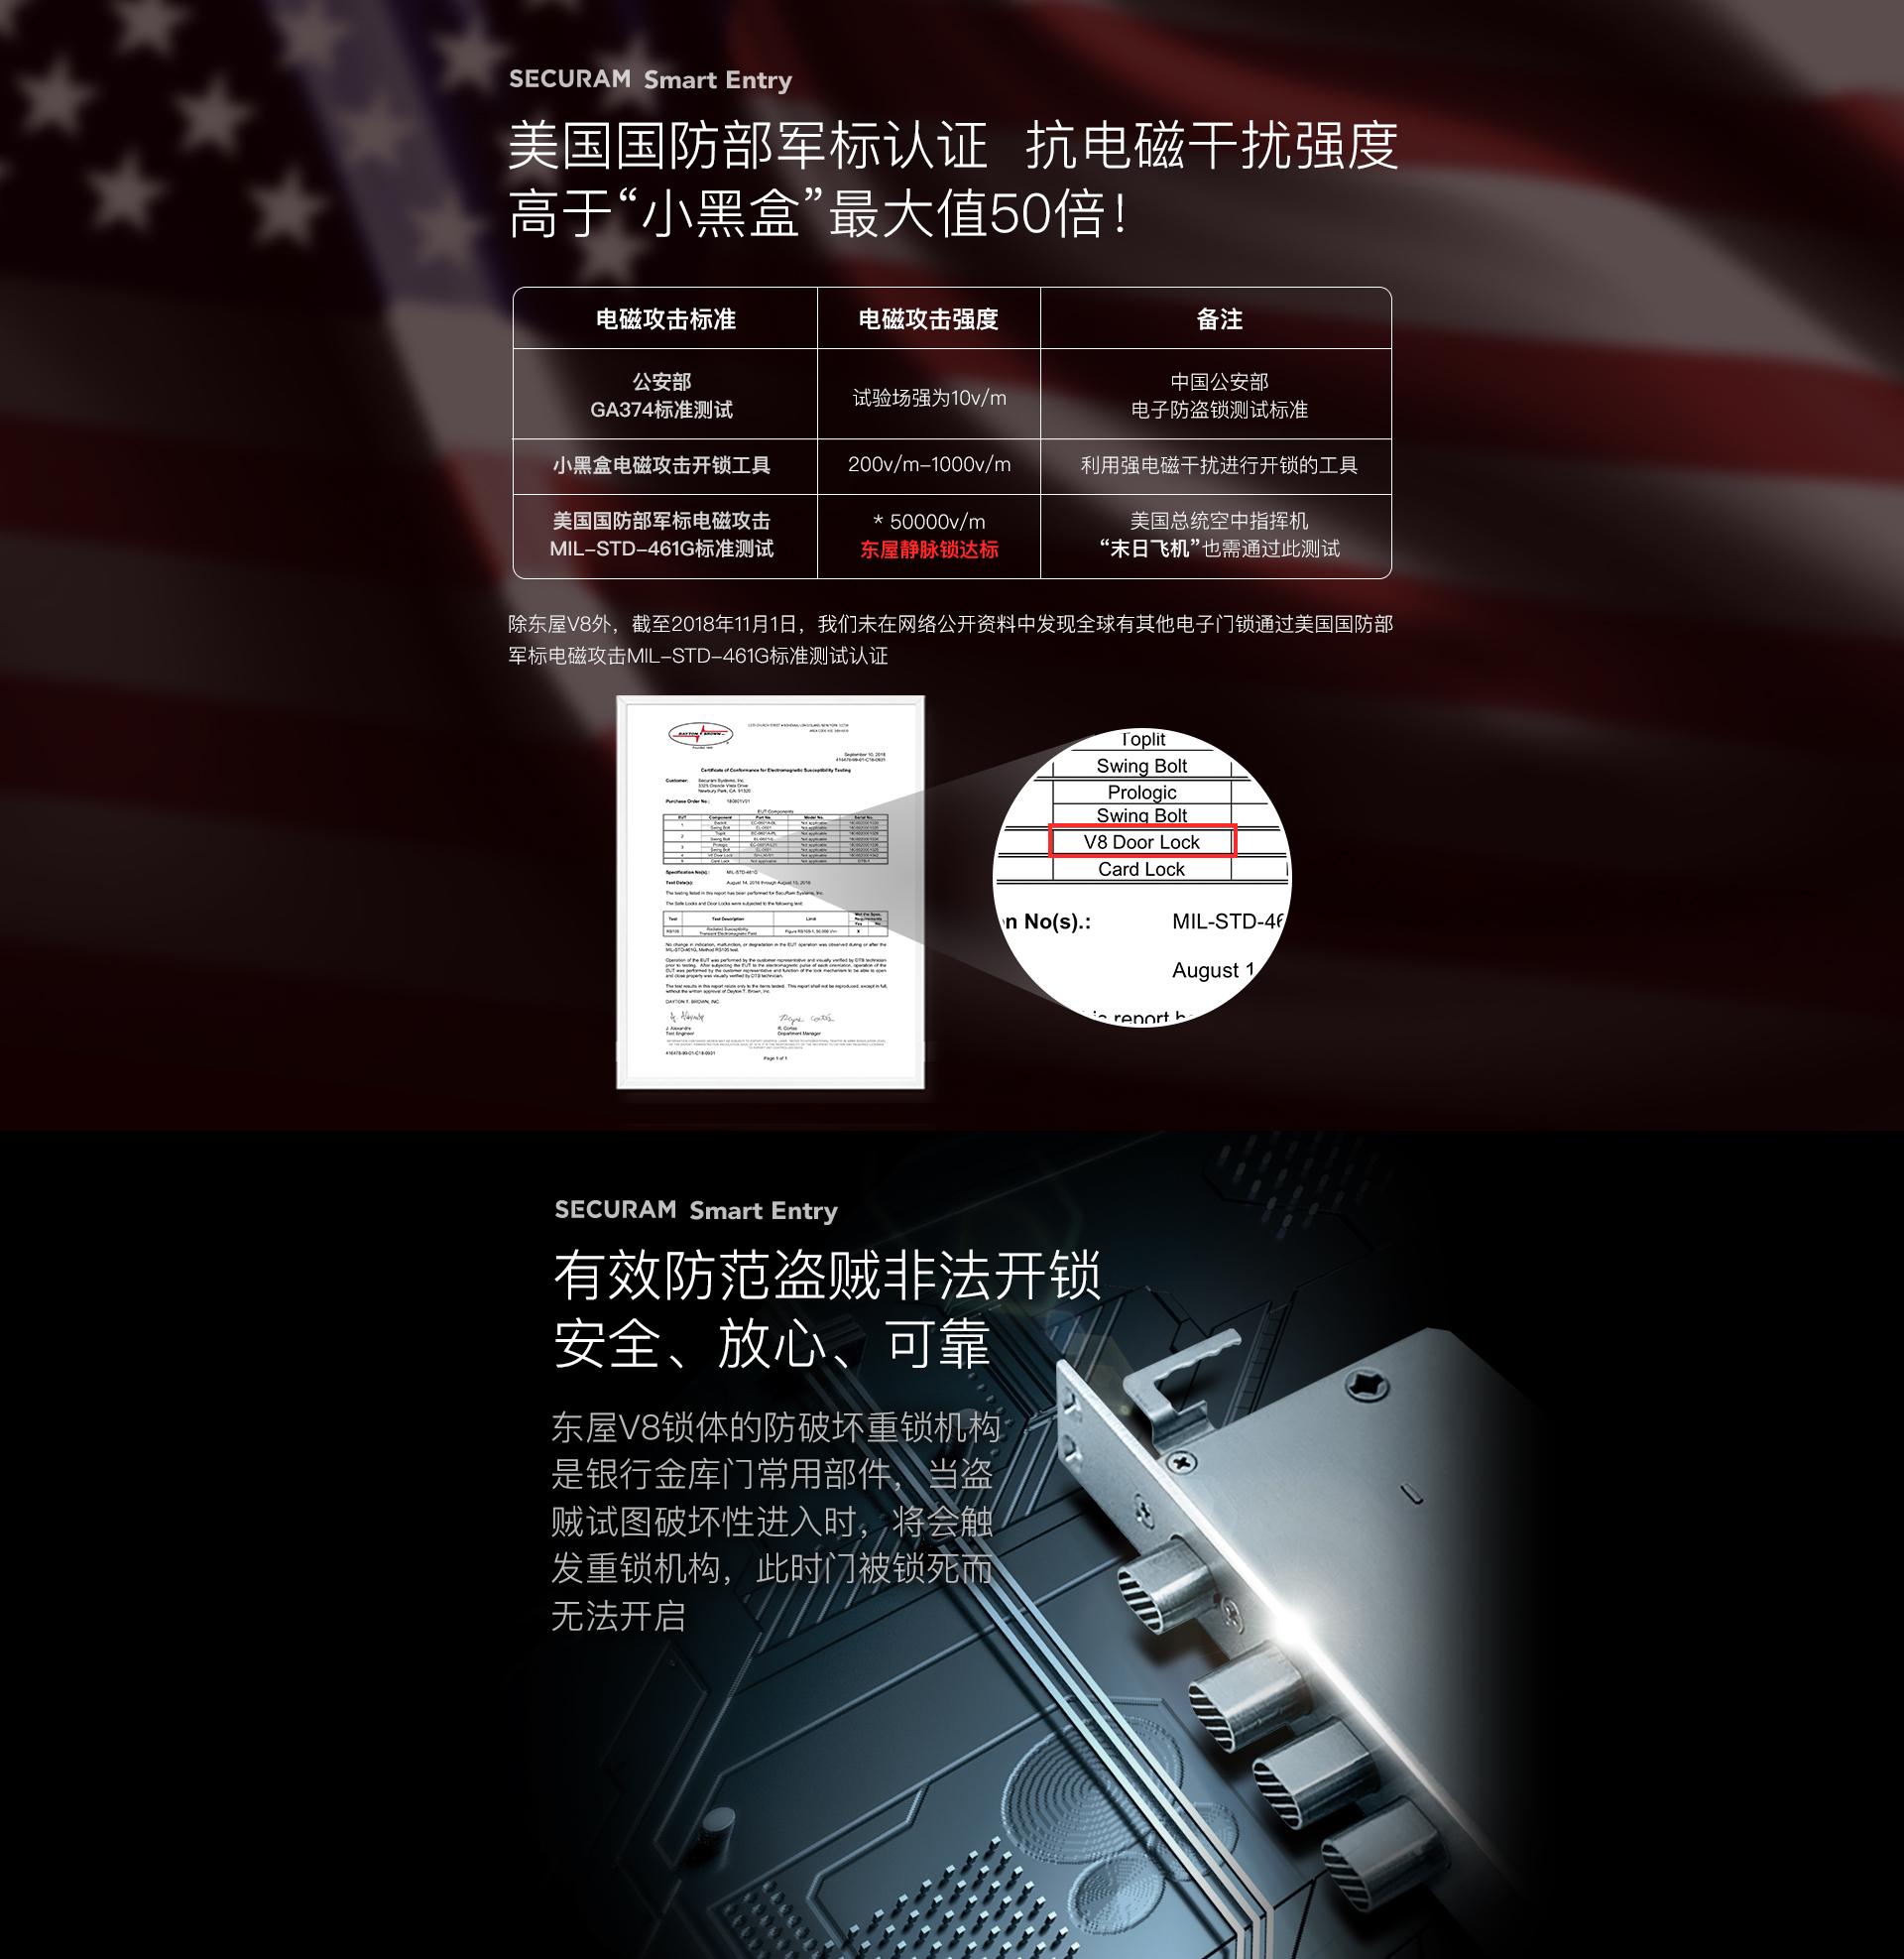 华为-东屋V8-详情pc_07.jpg